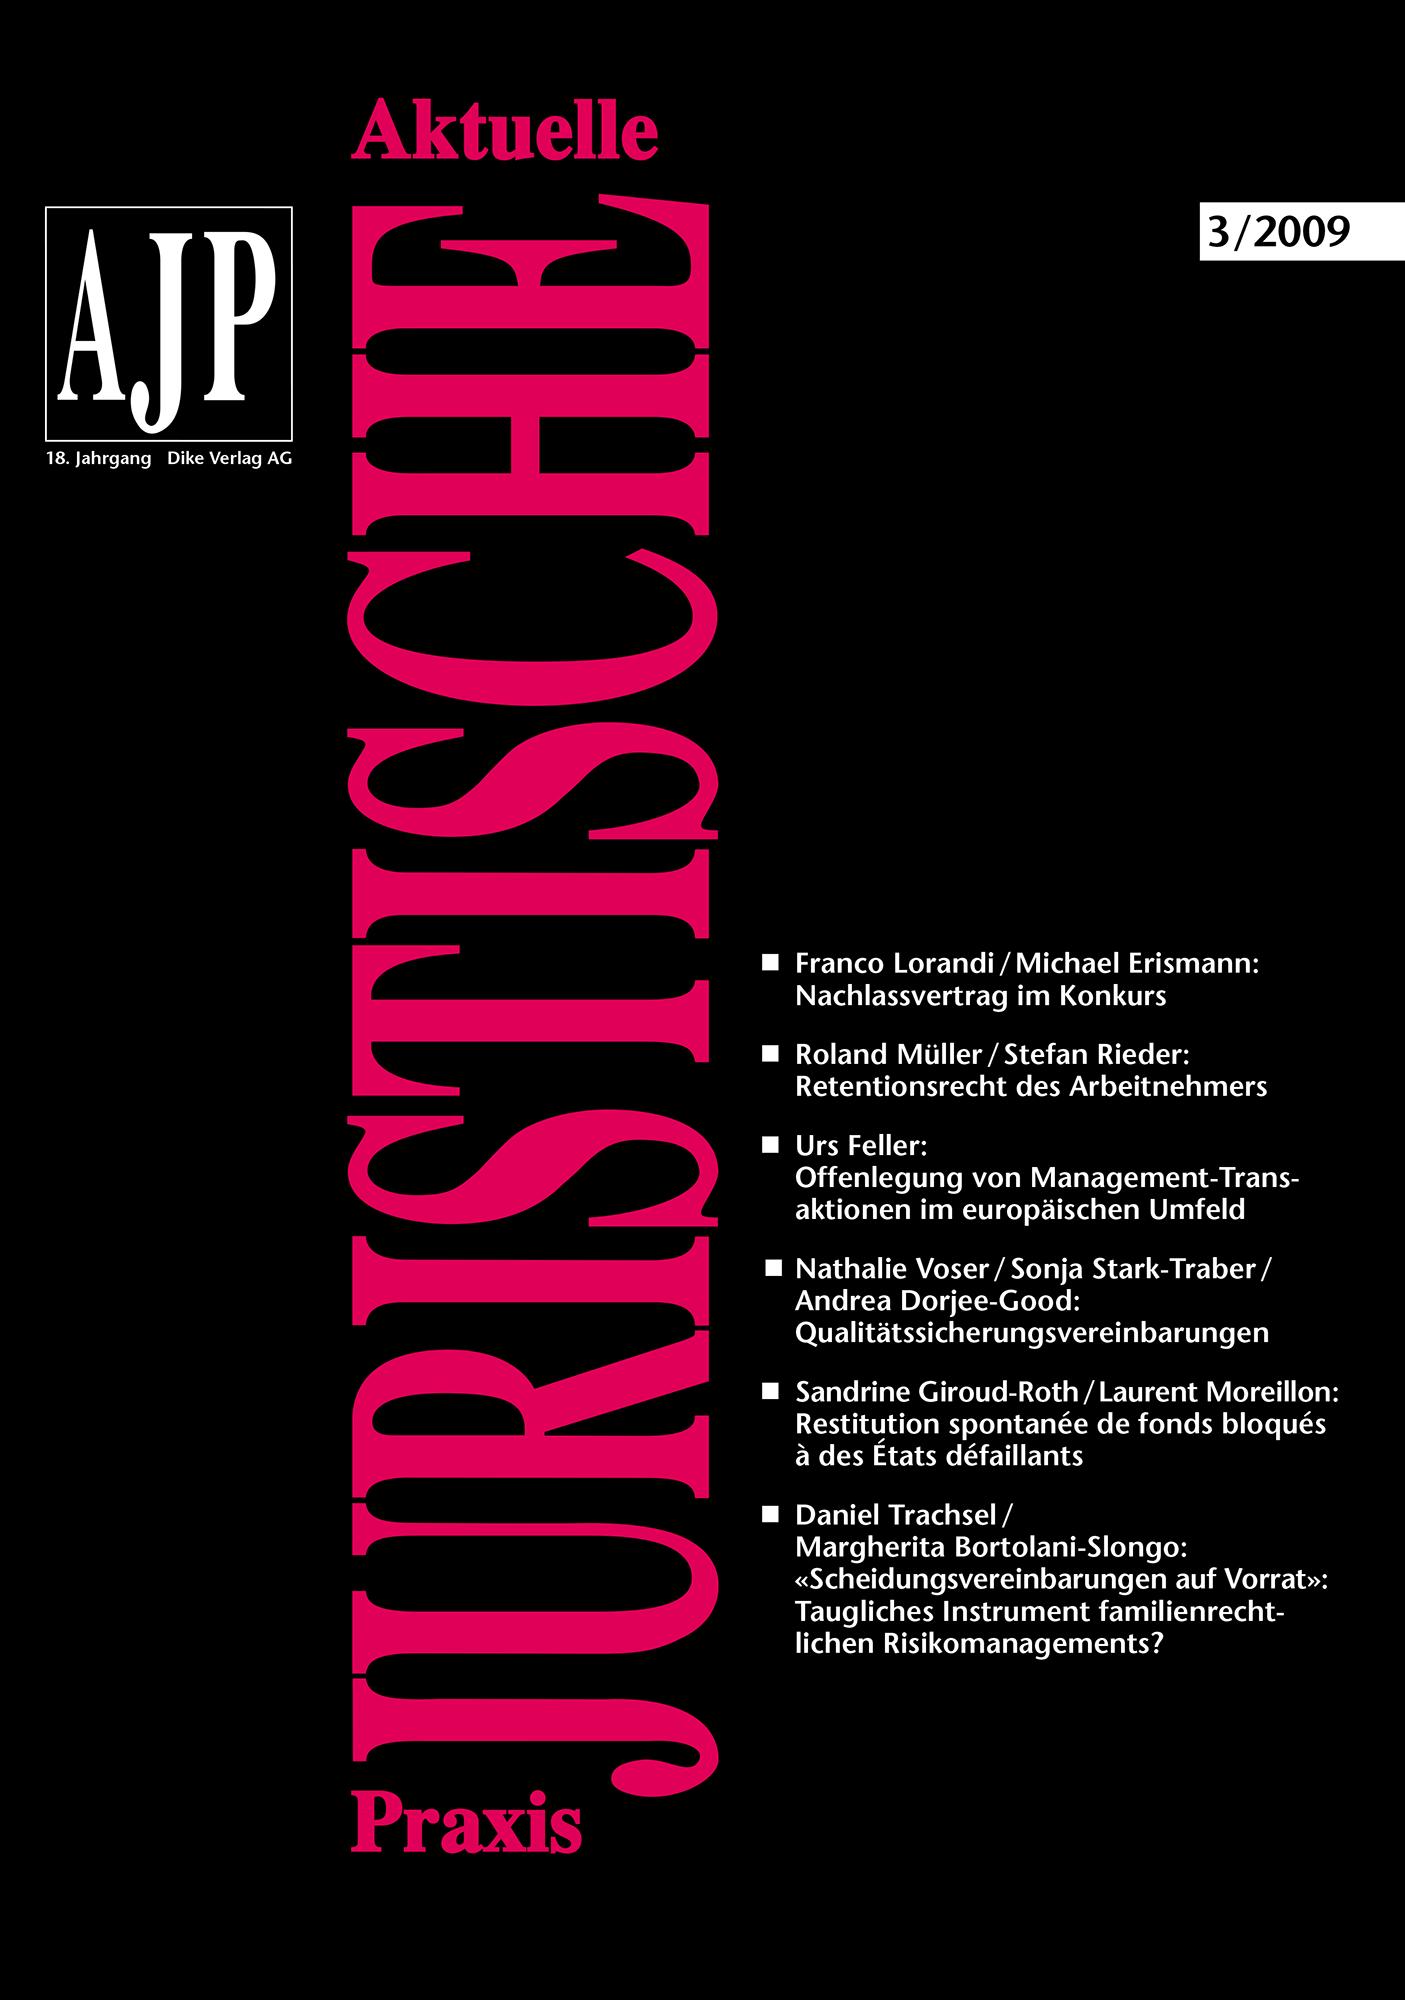 AJP/PJA 03/2009